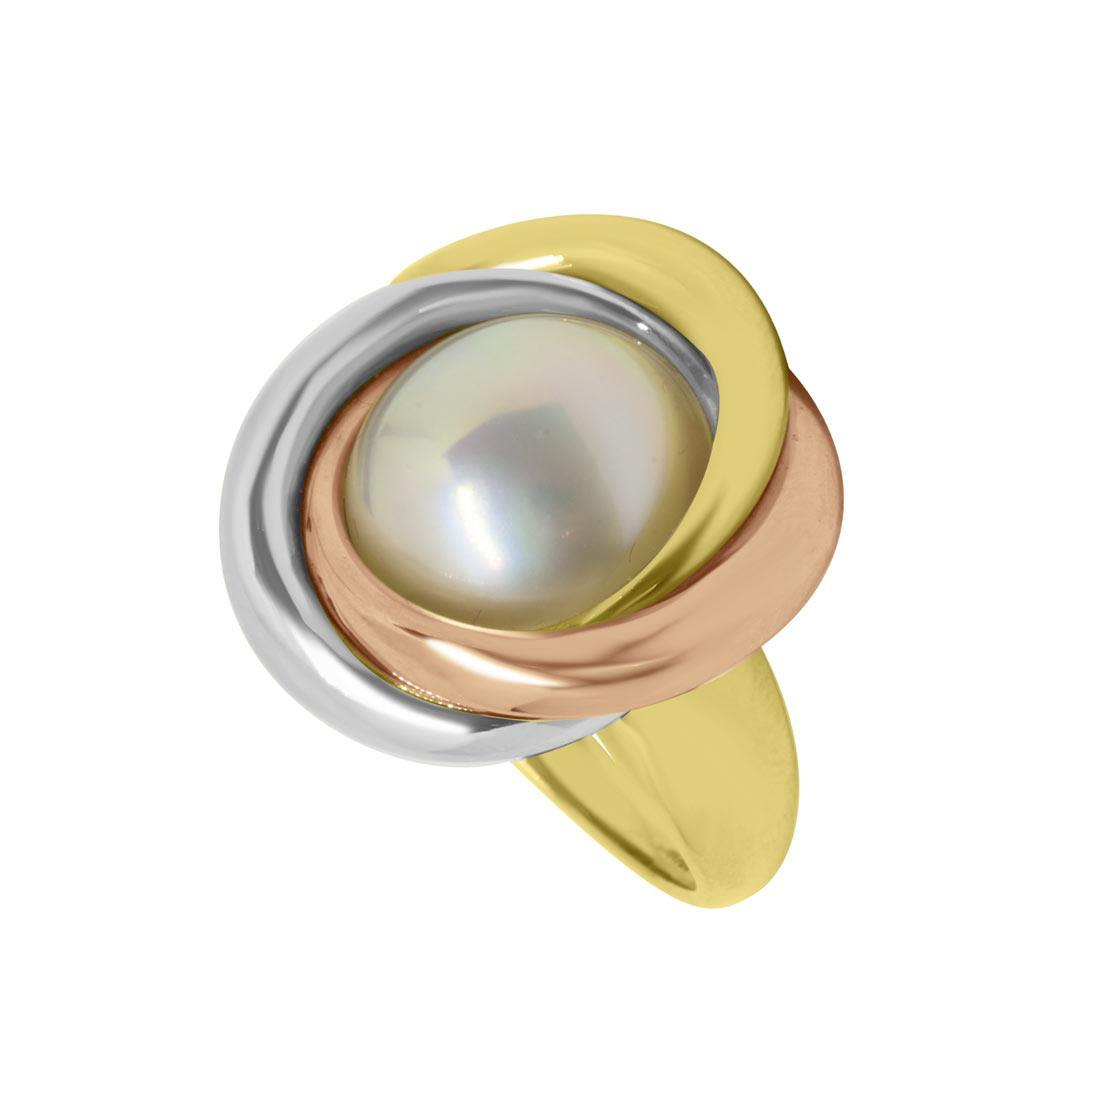 Anello Oro & Co in oro giallo con perla ed inserti in oro bianco e rosa, misura 13 - ORO&CO